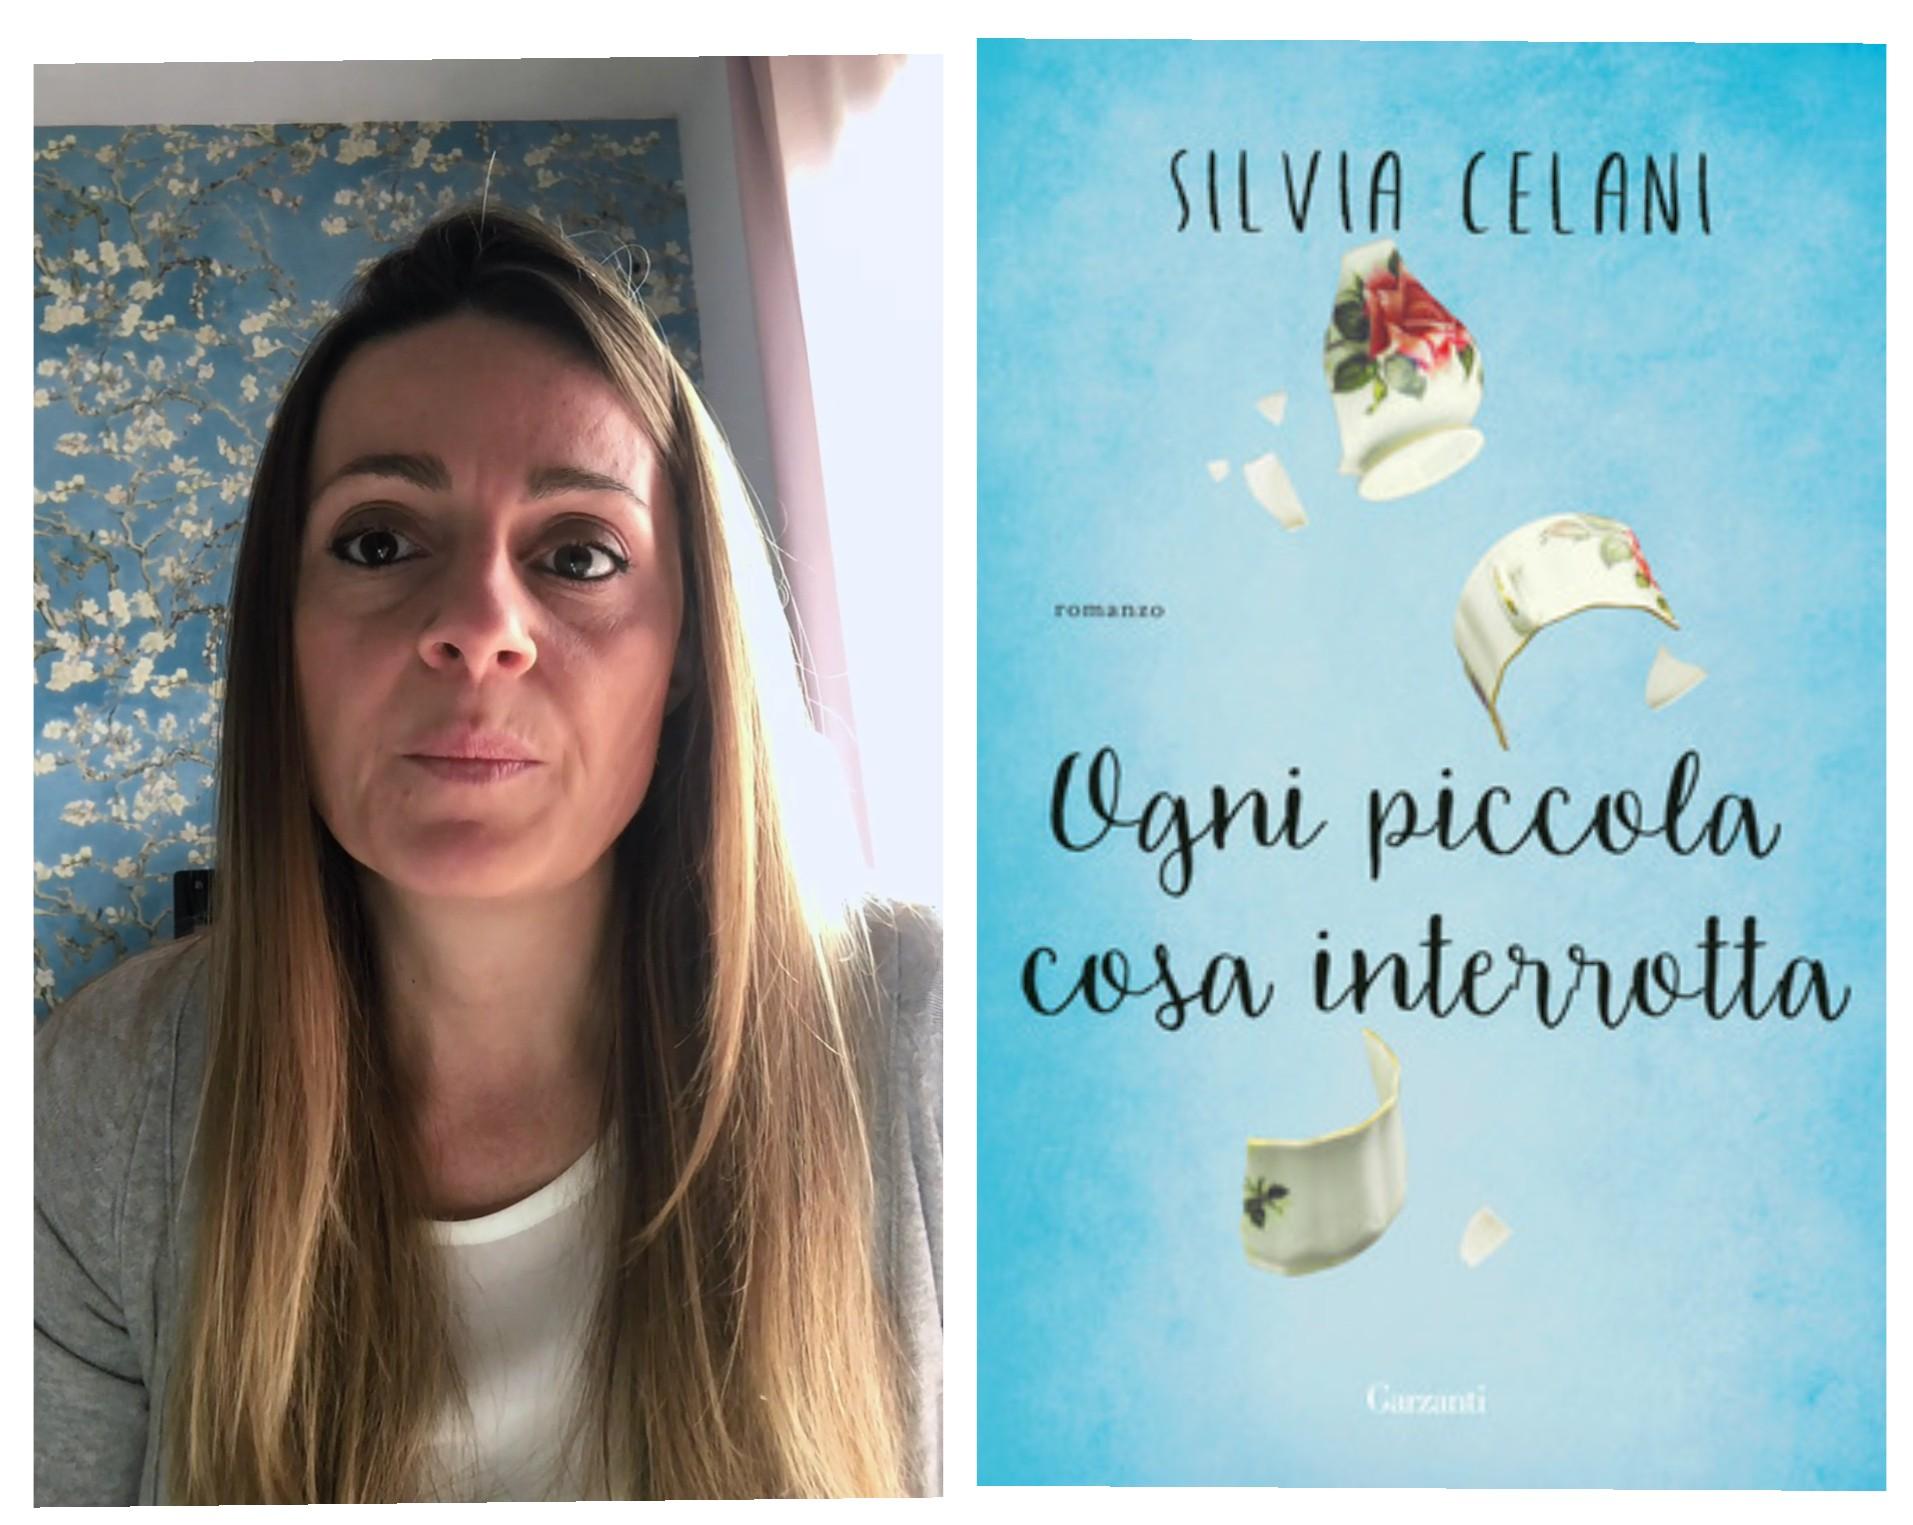 """""""Ve lo legge lo scrittore"""" con Silvia Celani autrice del romanzo """" Ogni piccola cosa interrotta"""" edito da Garzanti"""